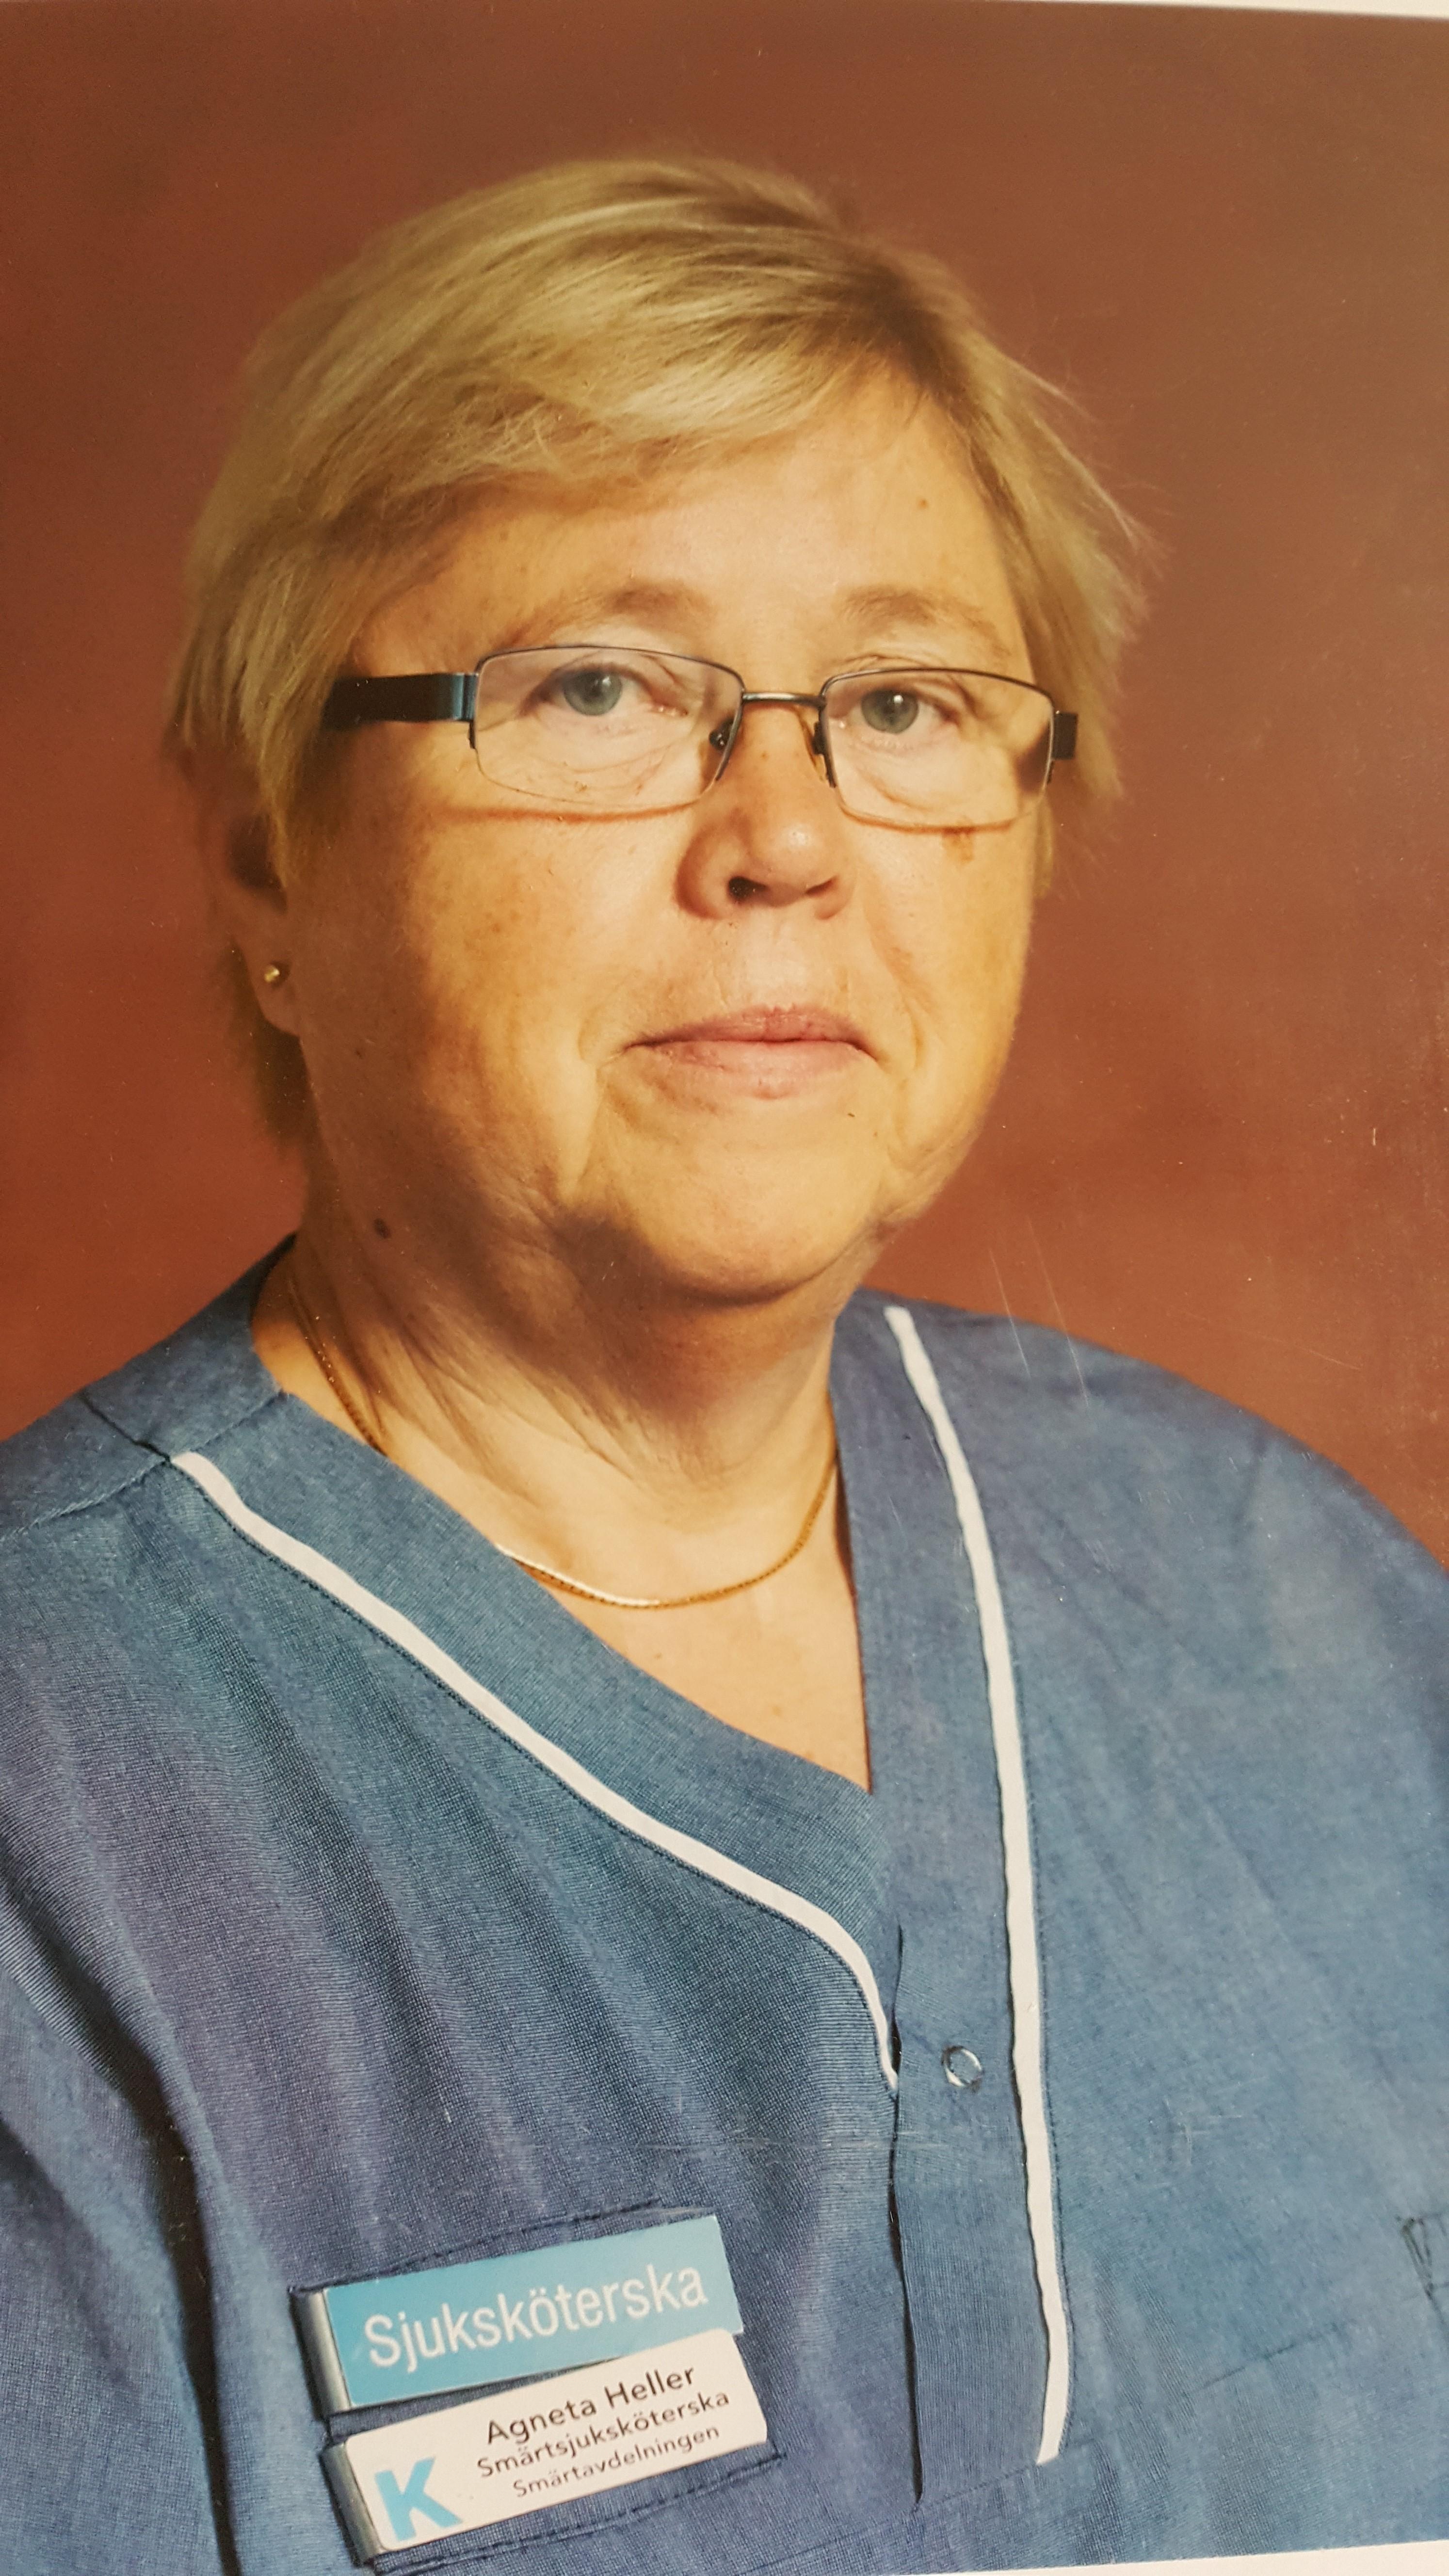 Agneta Heller